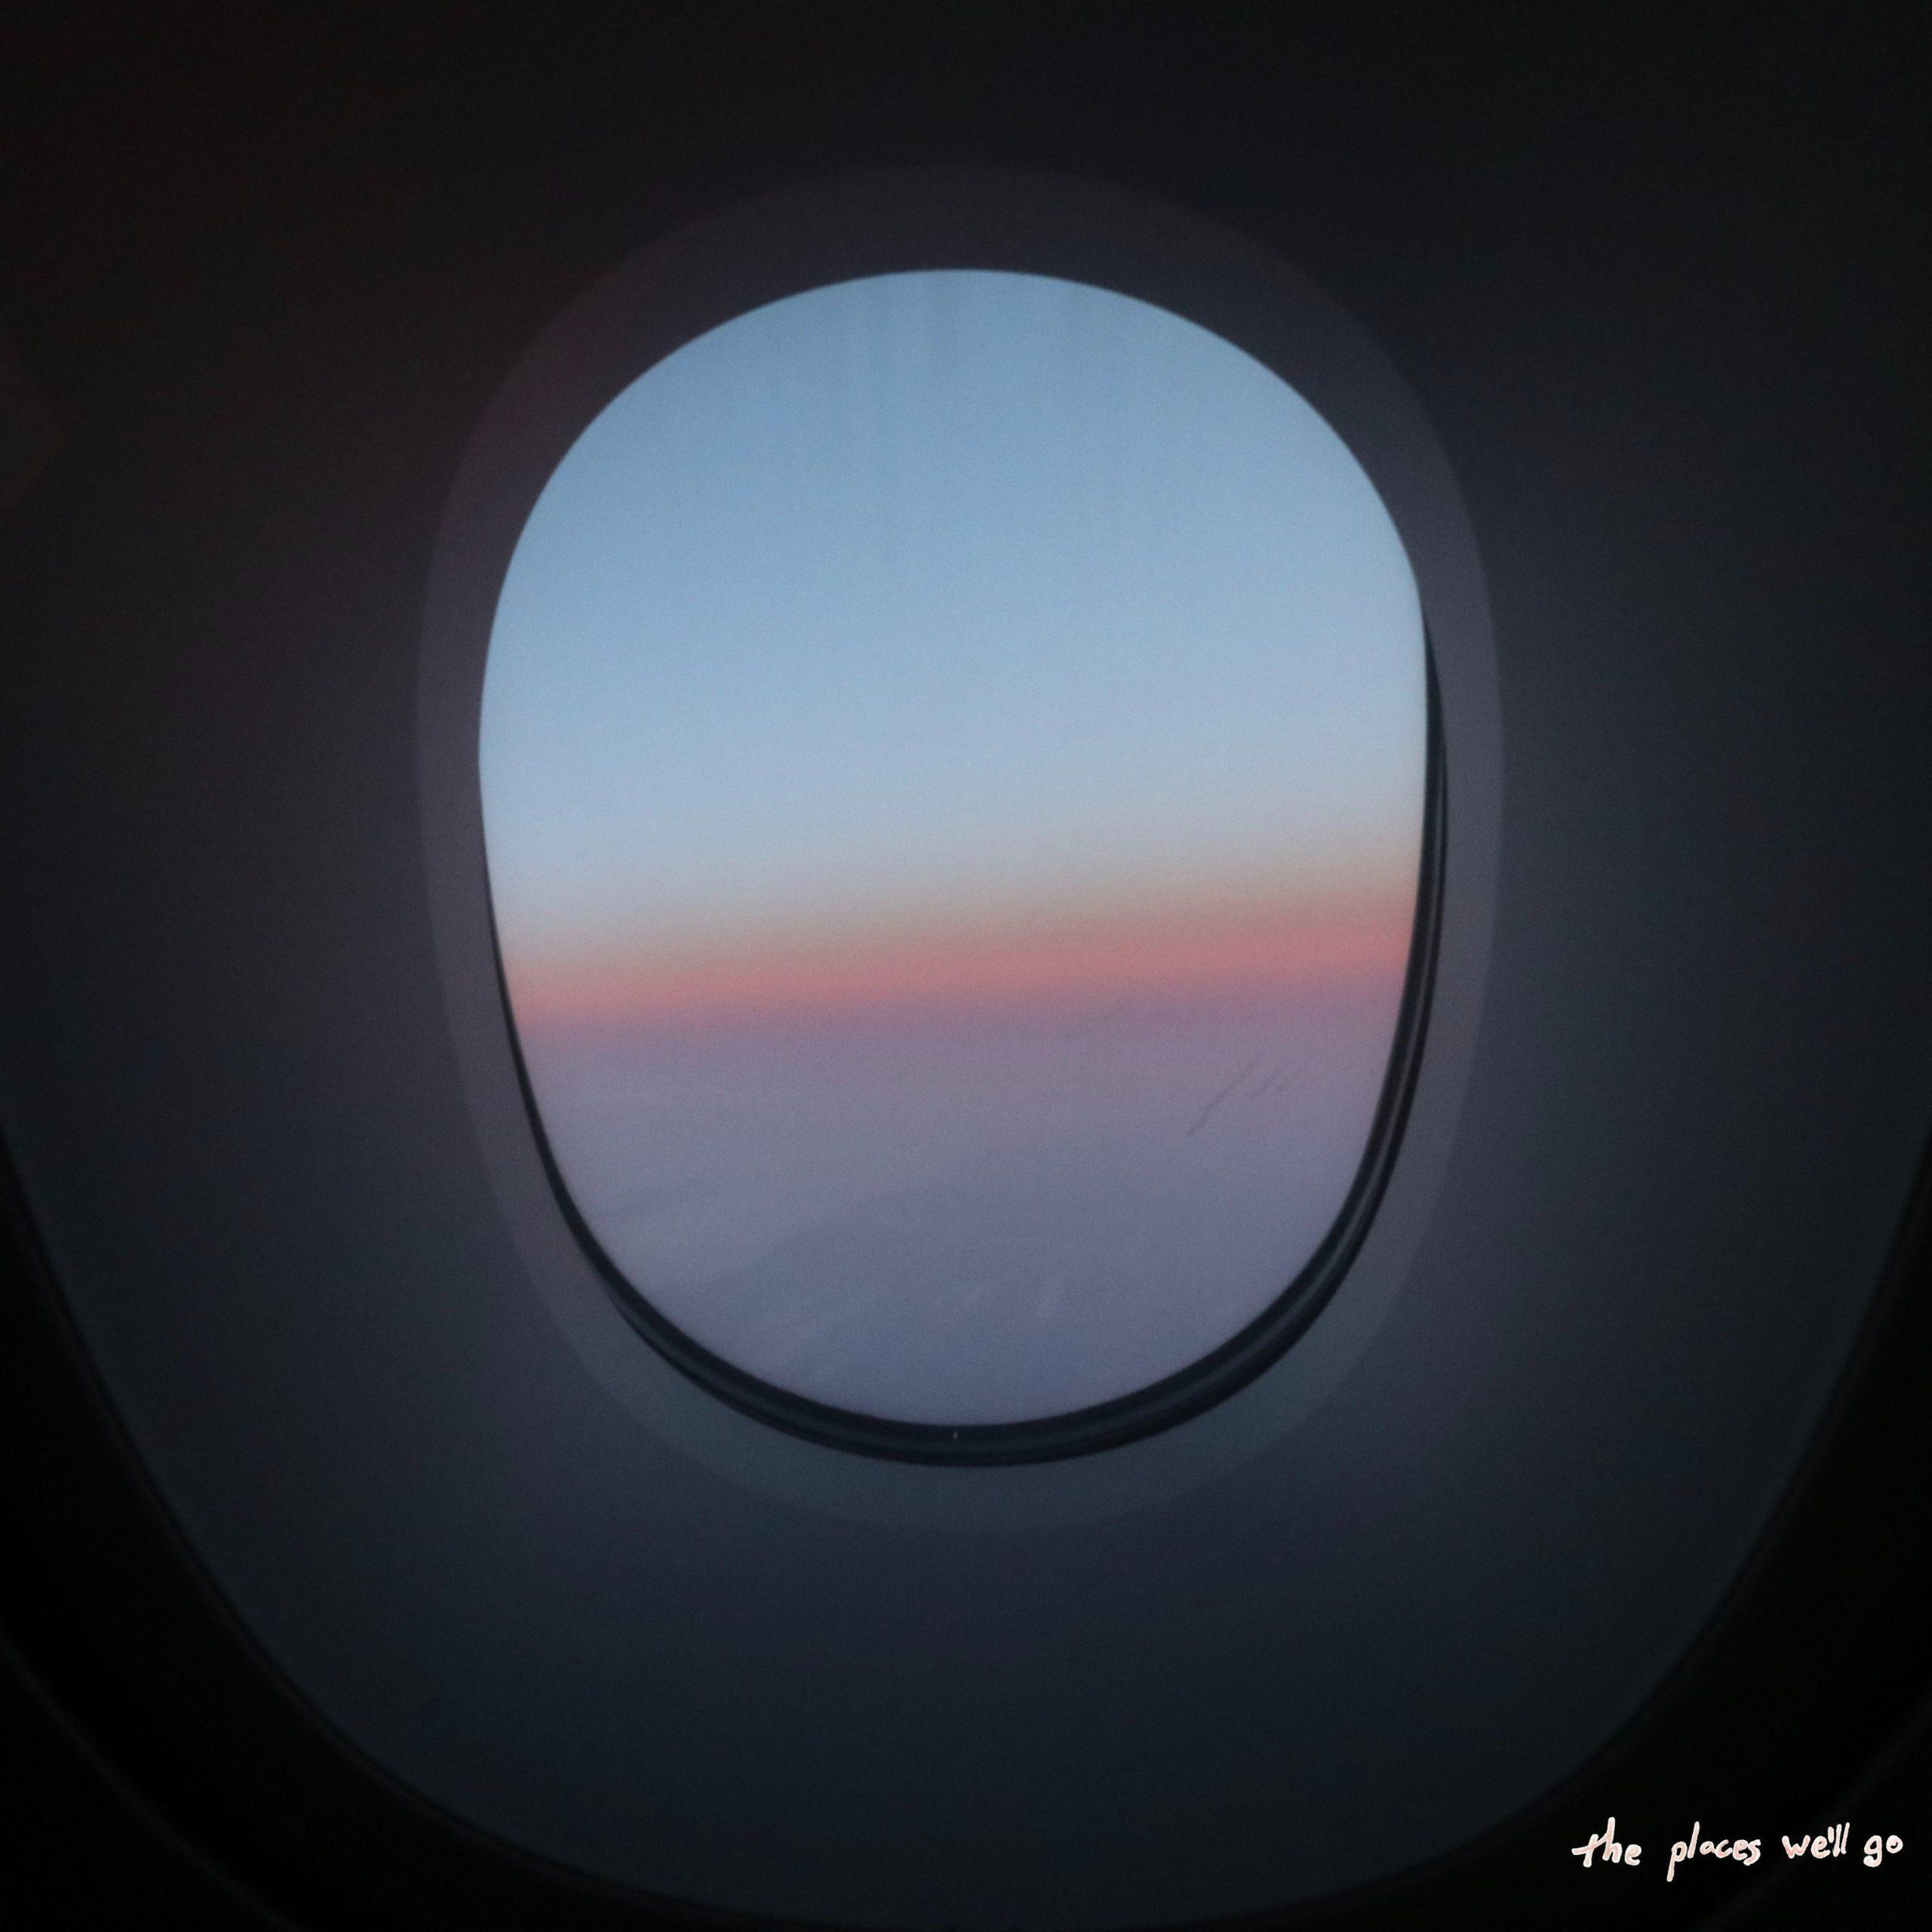 james october x Emilia Ali – The Places We'll Go